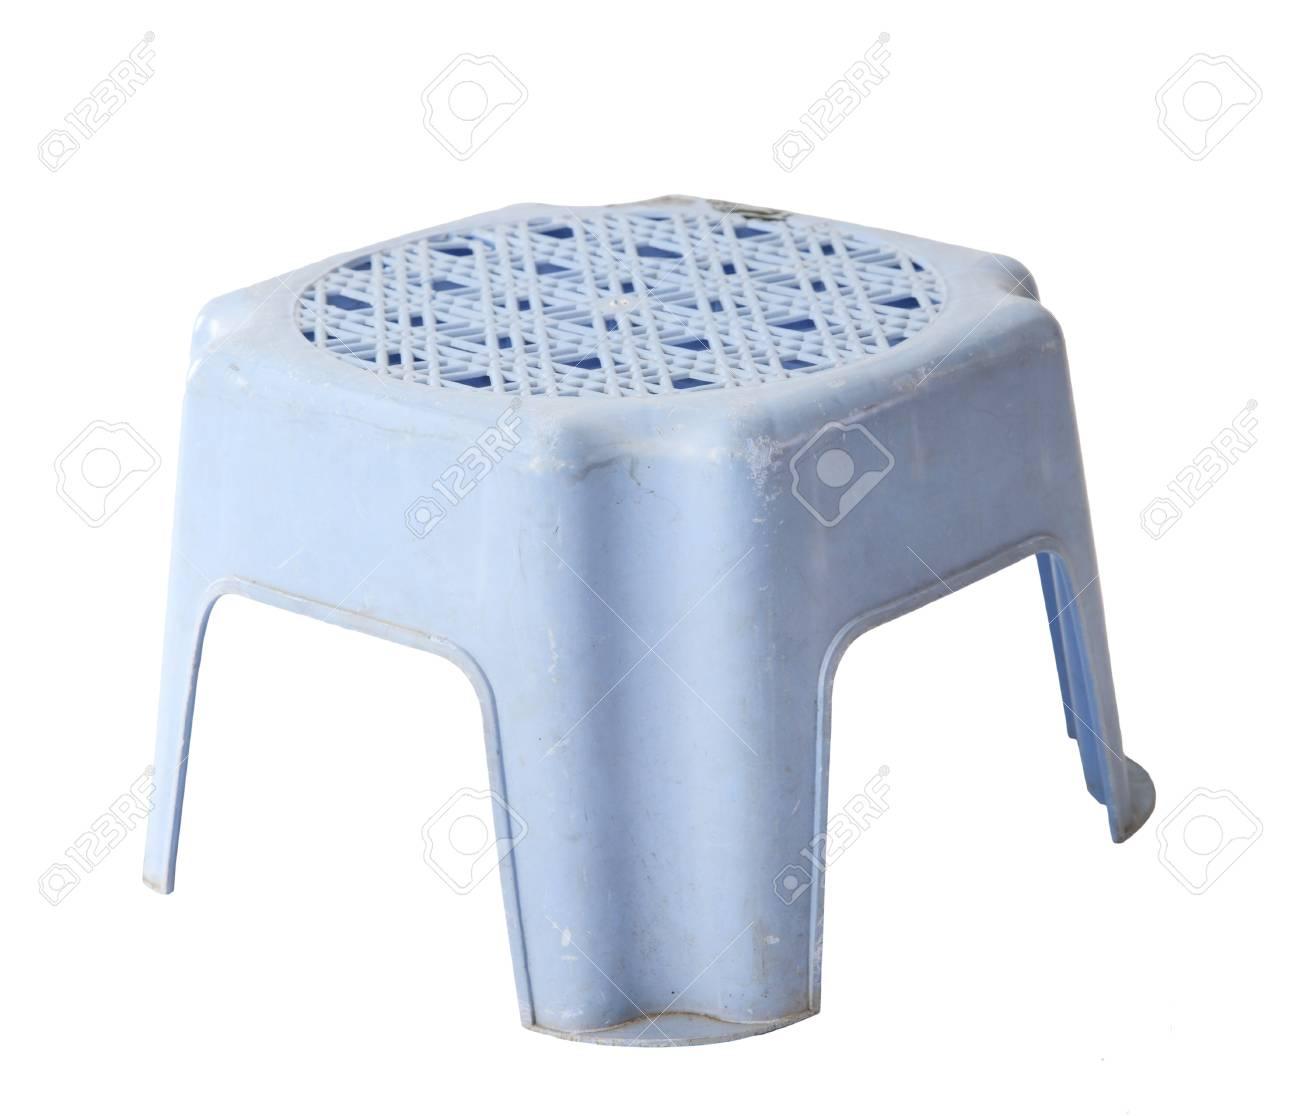 Sgabello Di Plastica.Mini Vecchio Sgabello Di Plastica Blu Isolato Su Priorita Bassa Bianca